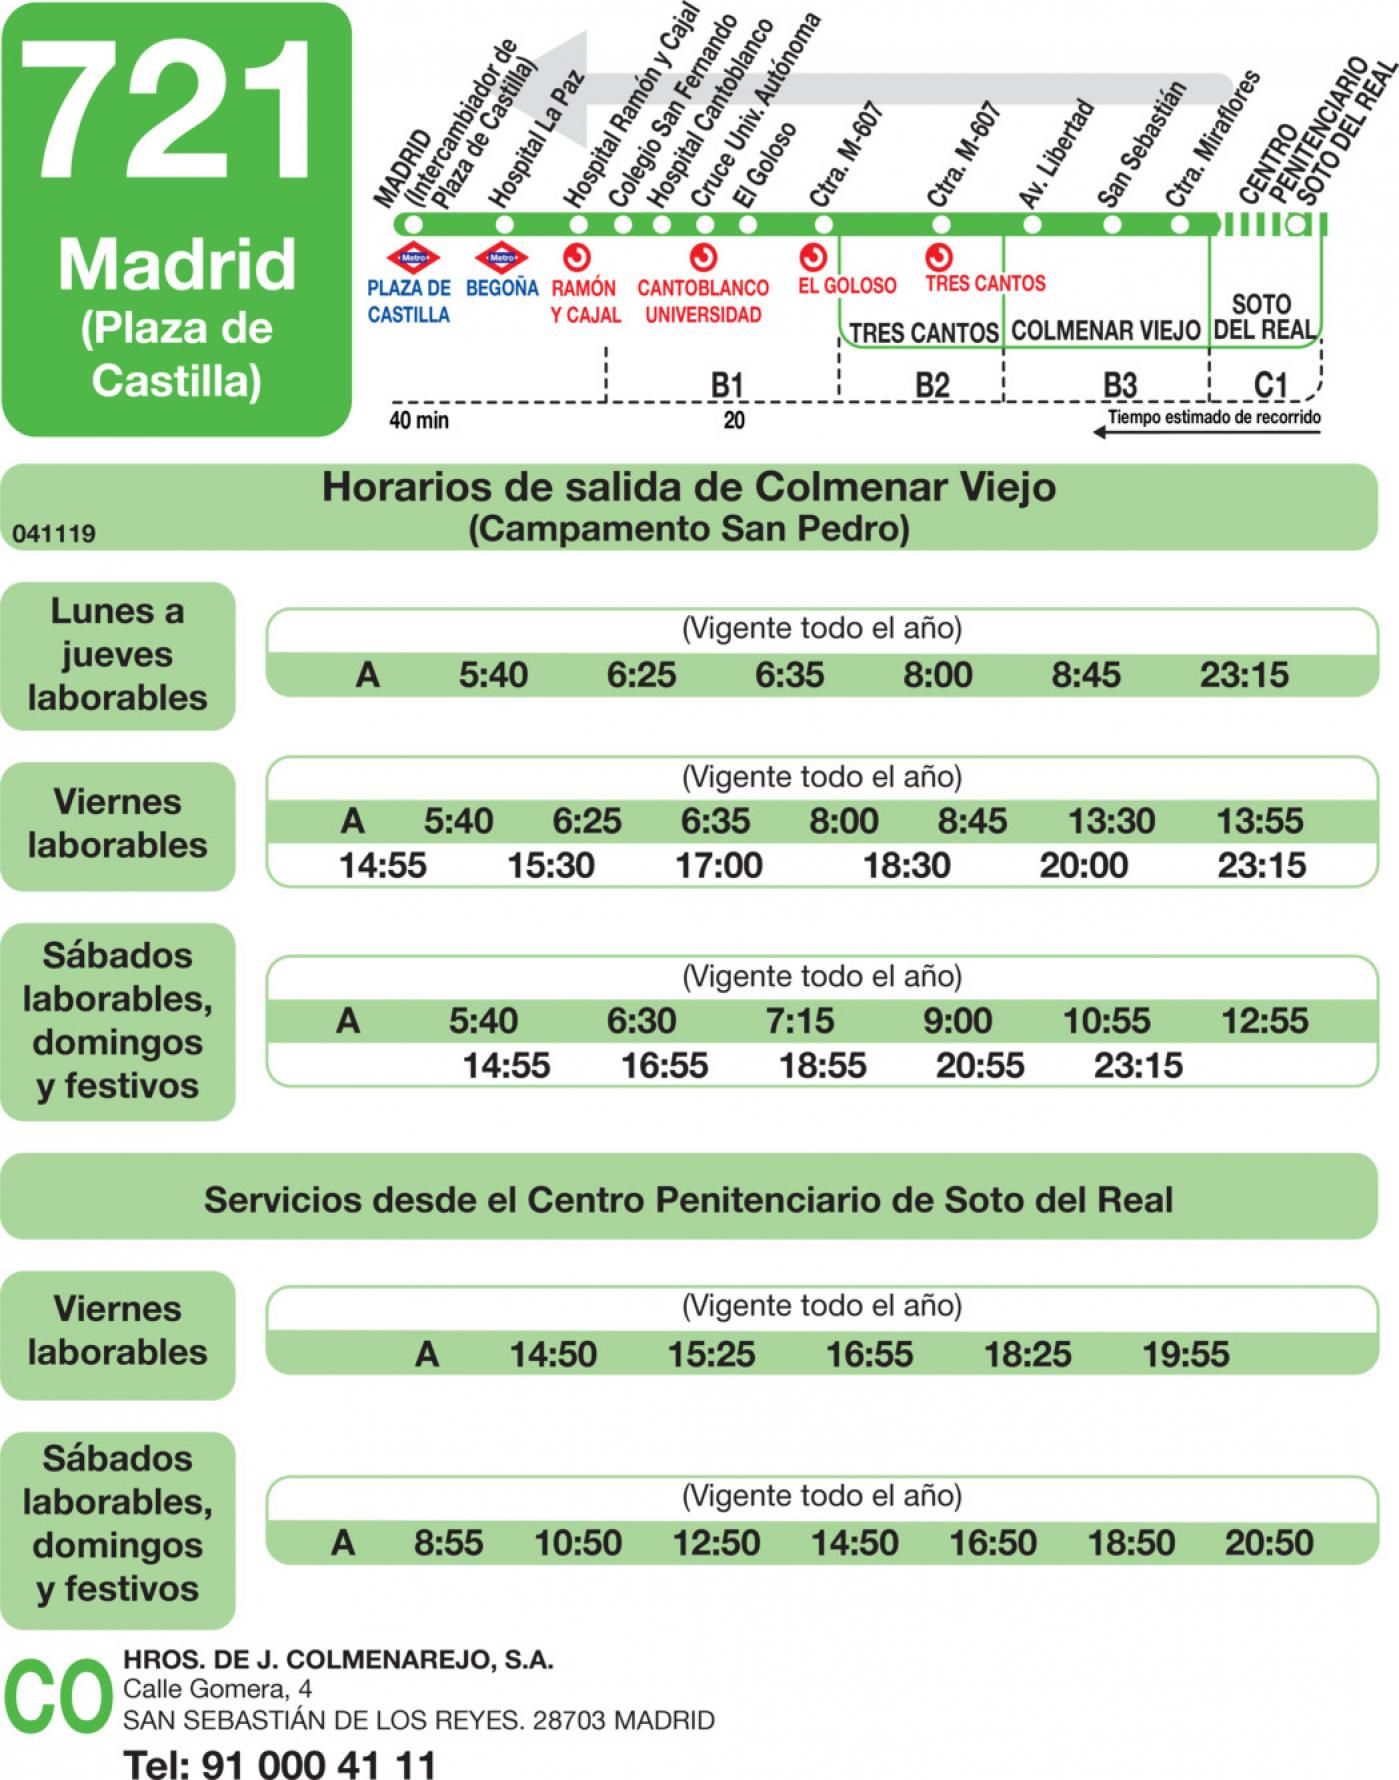 Tabla de horarios y frecuencias de paso en sentido vuelta Línea 721: Madrid (Plaza Castilla) - Colmenar Viejo